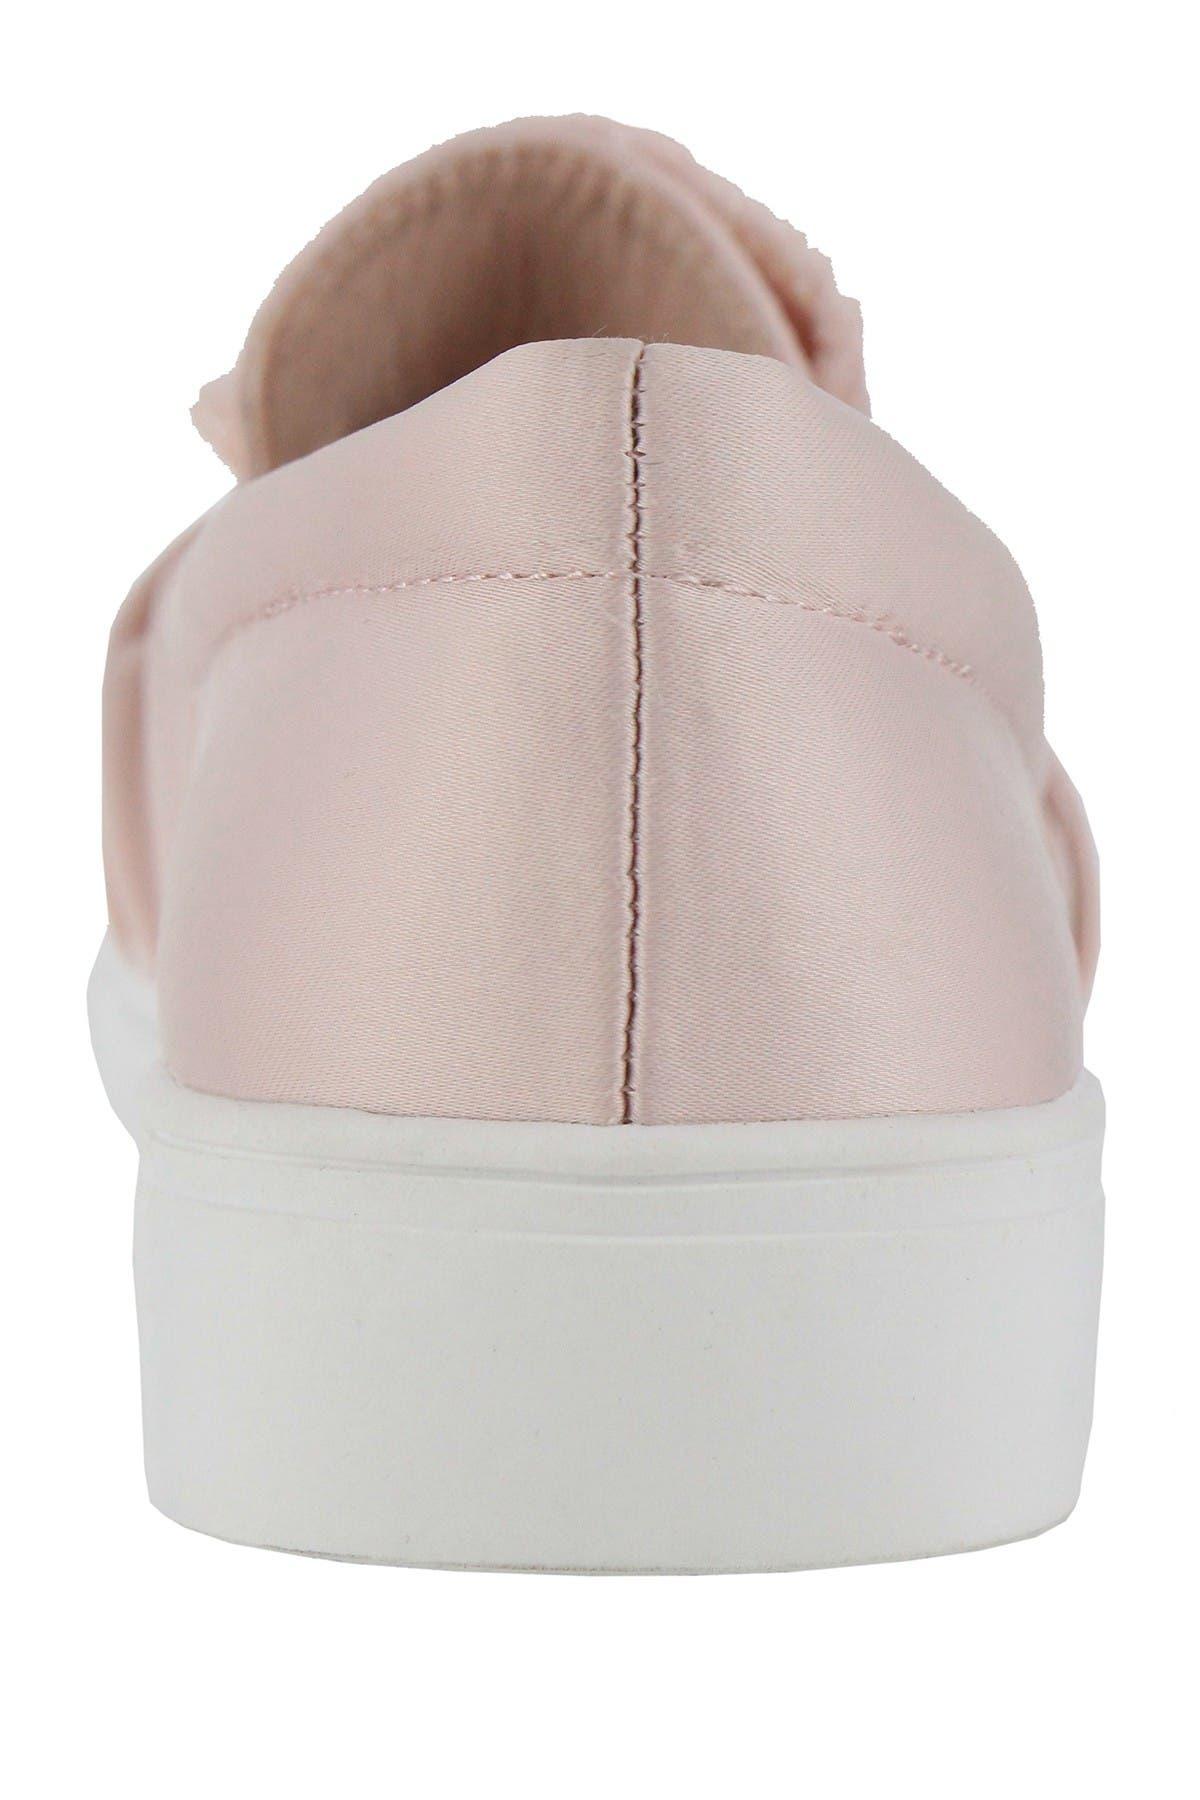 MIA | Zani Bow Sneaker | Nordstrom Rack